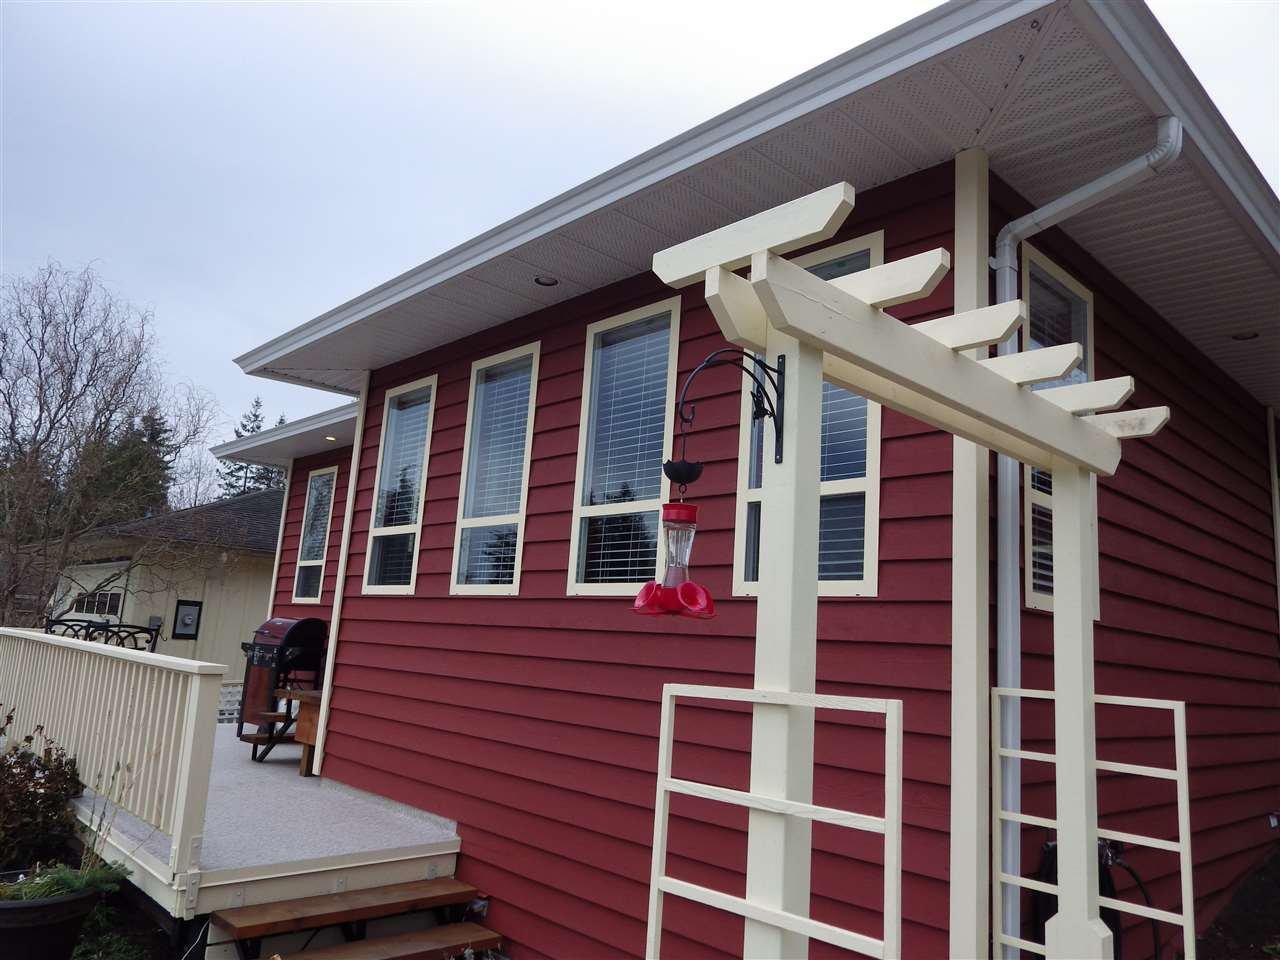 Photo 13: Photos: 5599 MEDUSA Place in Sechelt: Sechelt District House for sale (Sunshine Coast)  : MLS®# R2344394